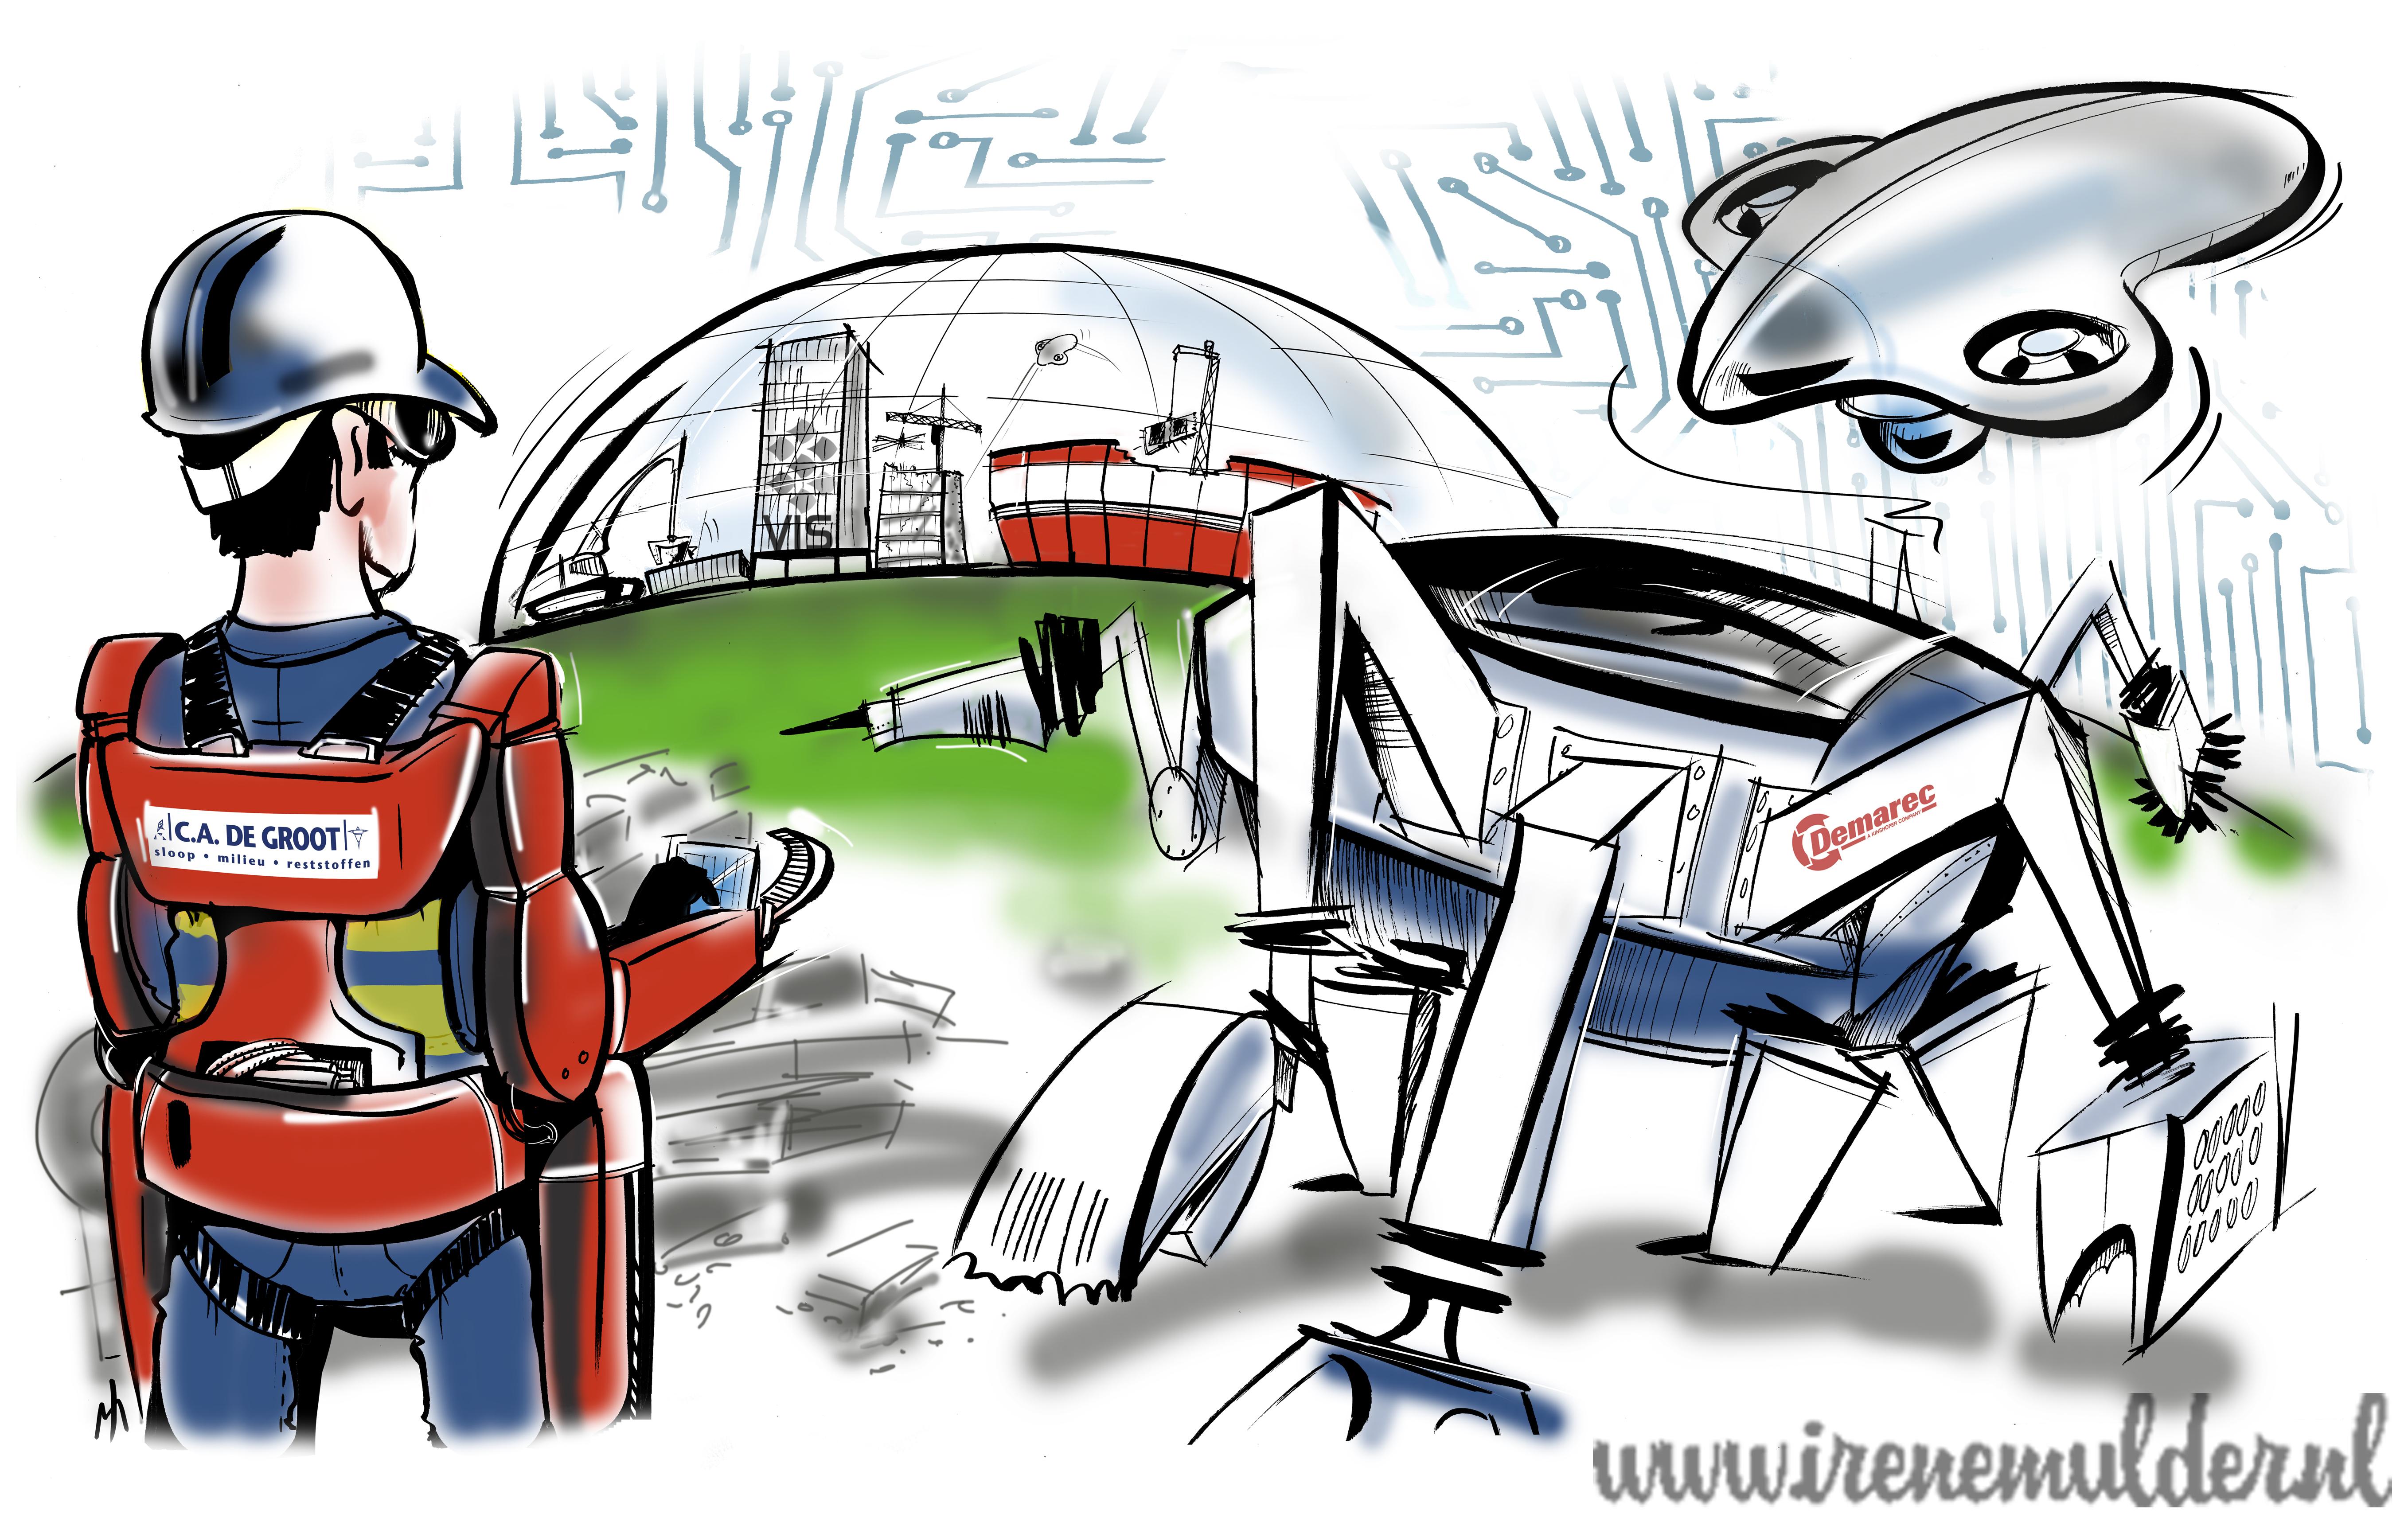 Illustratie hoe sloop er in de toekomst uitziet met robot, drone en afstandbediening.